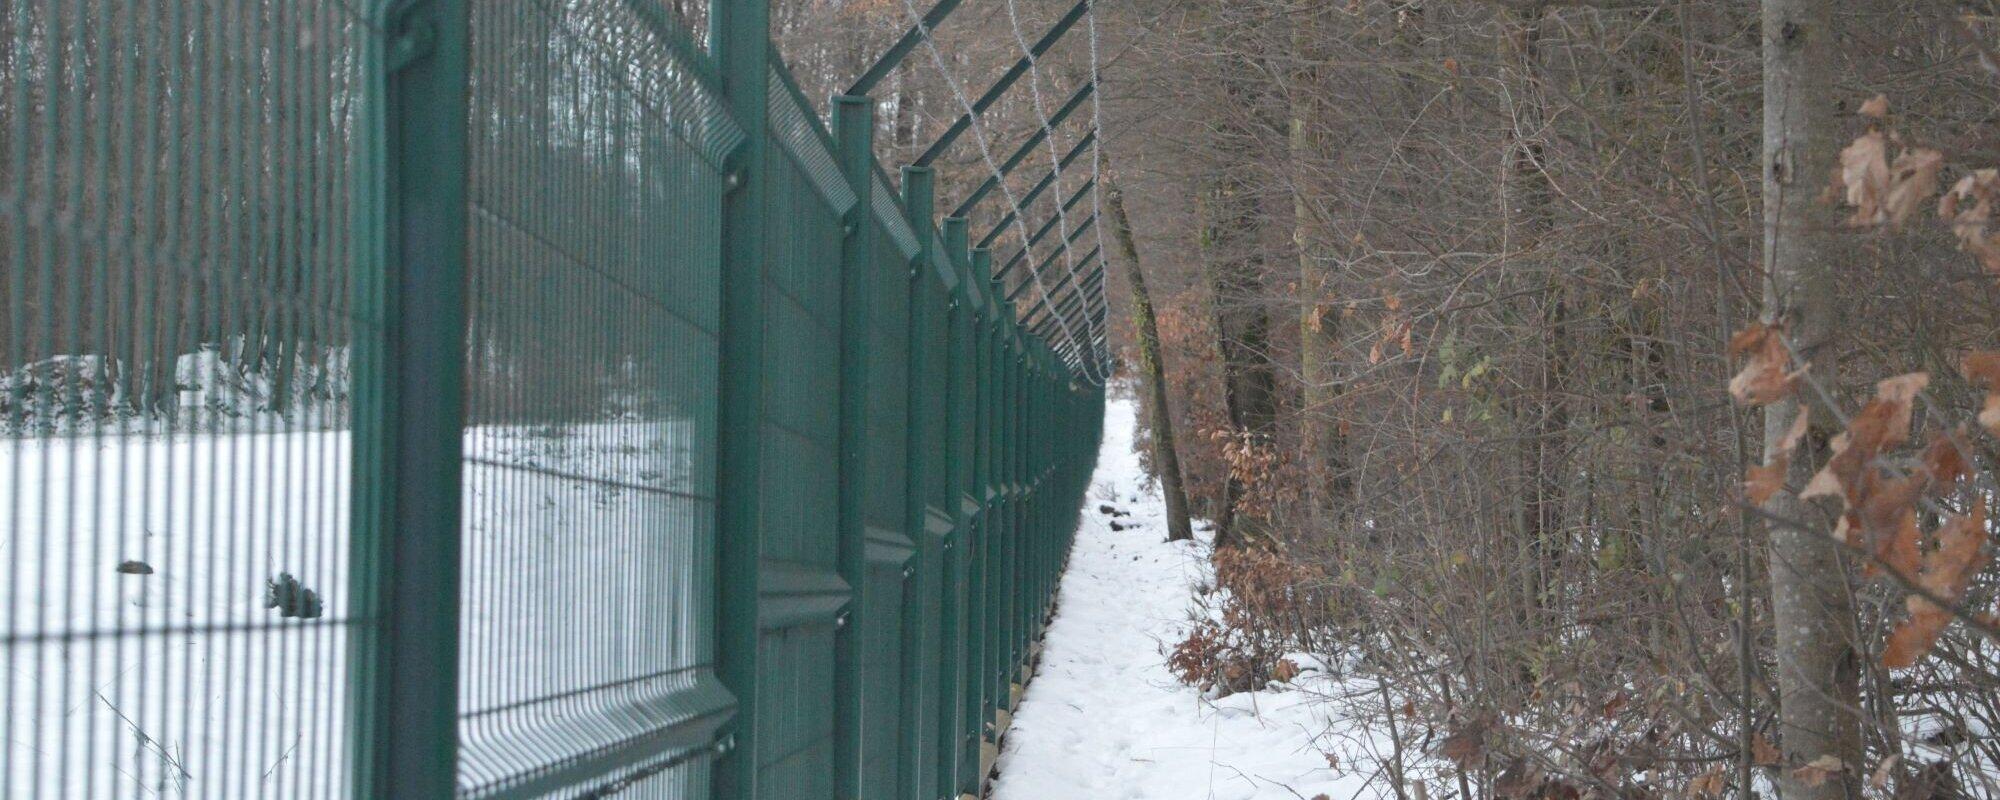 À Saverne, l'entreprise Kuhn veut déforester l'équivalent de 40 terrains de foot